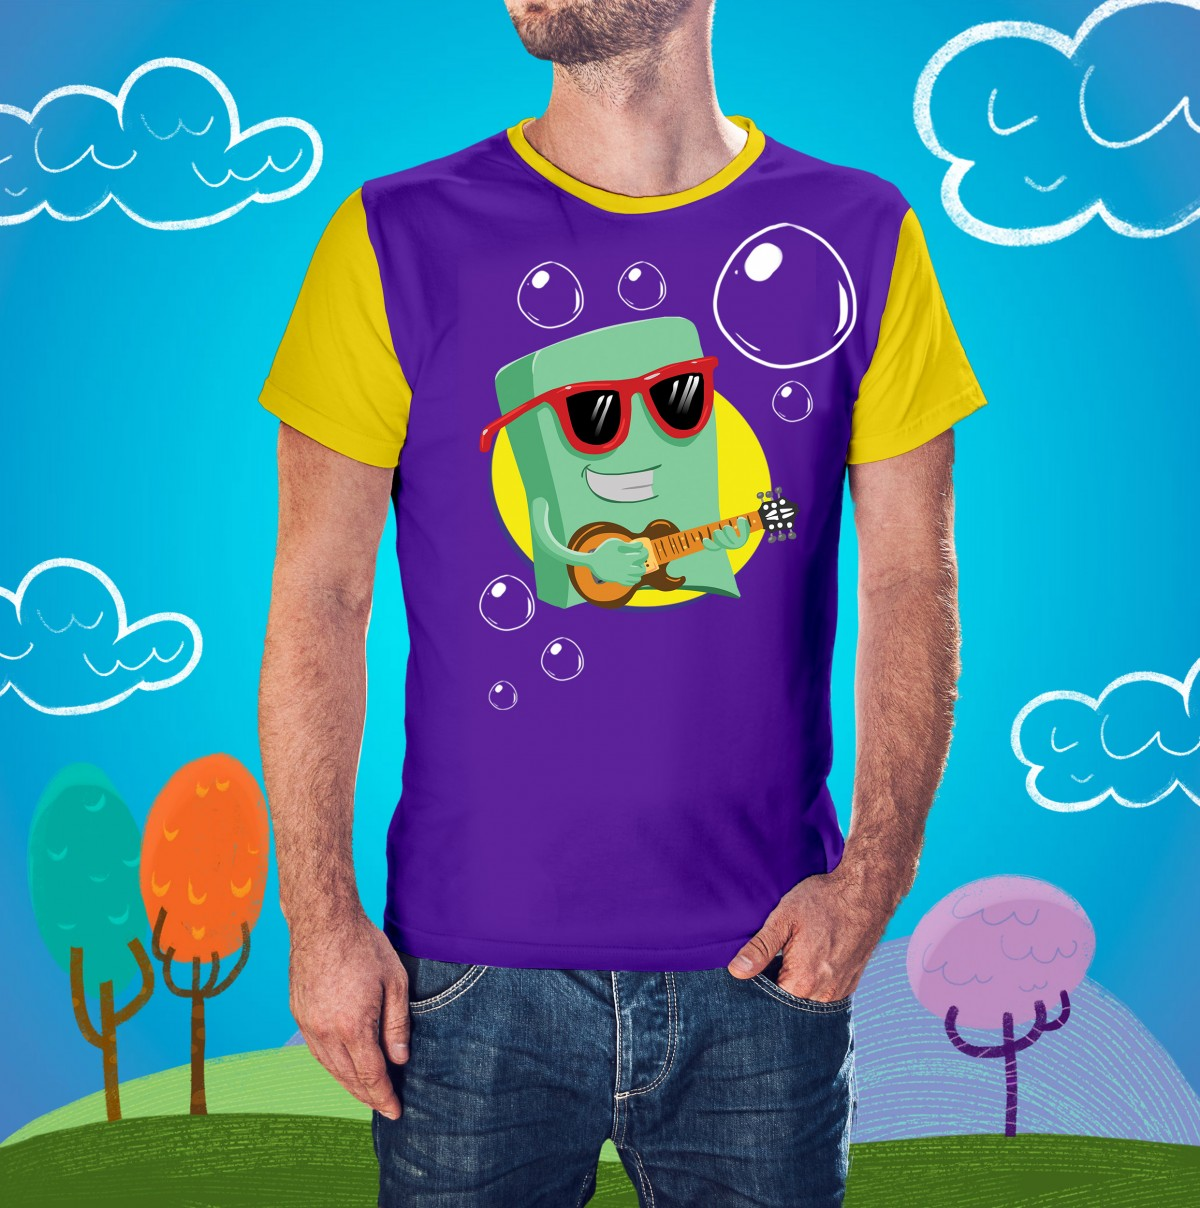 Foto 1 - Camisa Sabão Masculina 3 Palavrinhas - Adulto